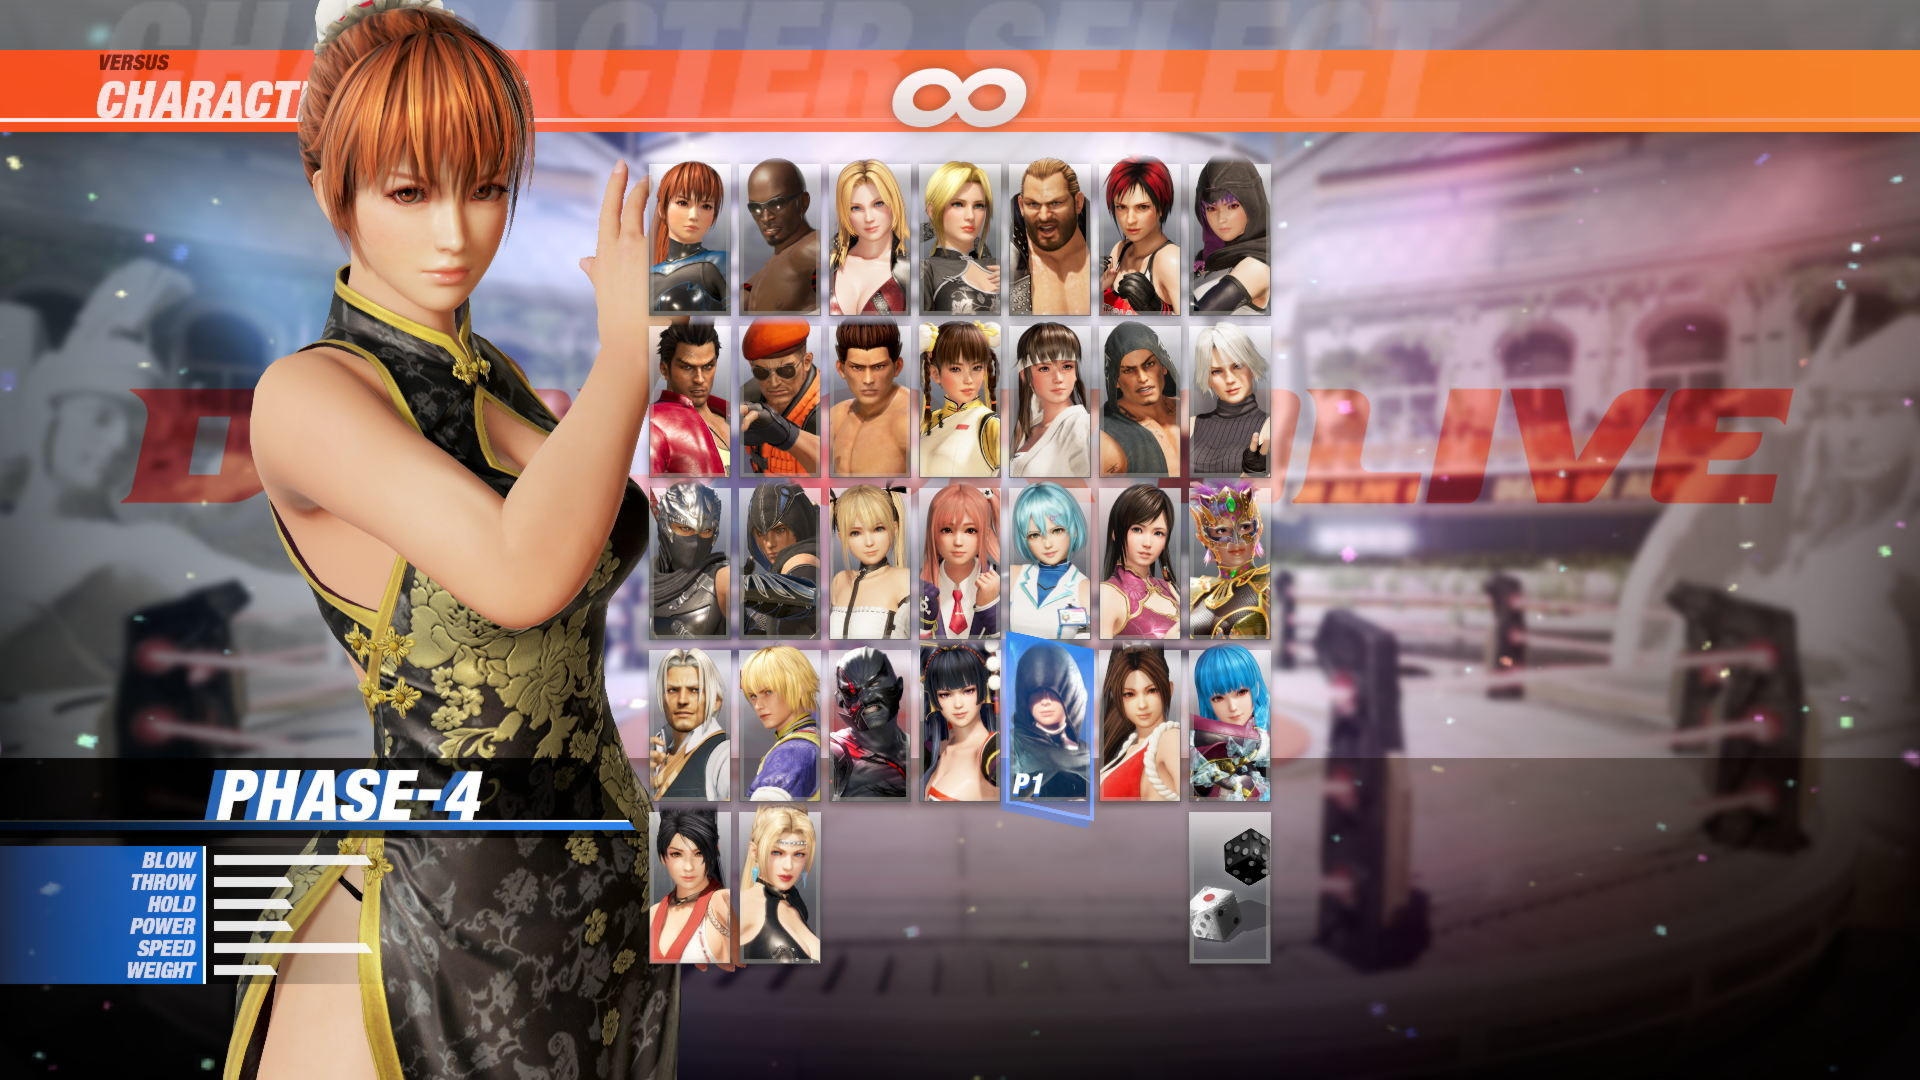 [Revival] DOA6 Alluring Mandarin Dress - Phase 4 screenshot